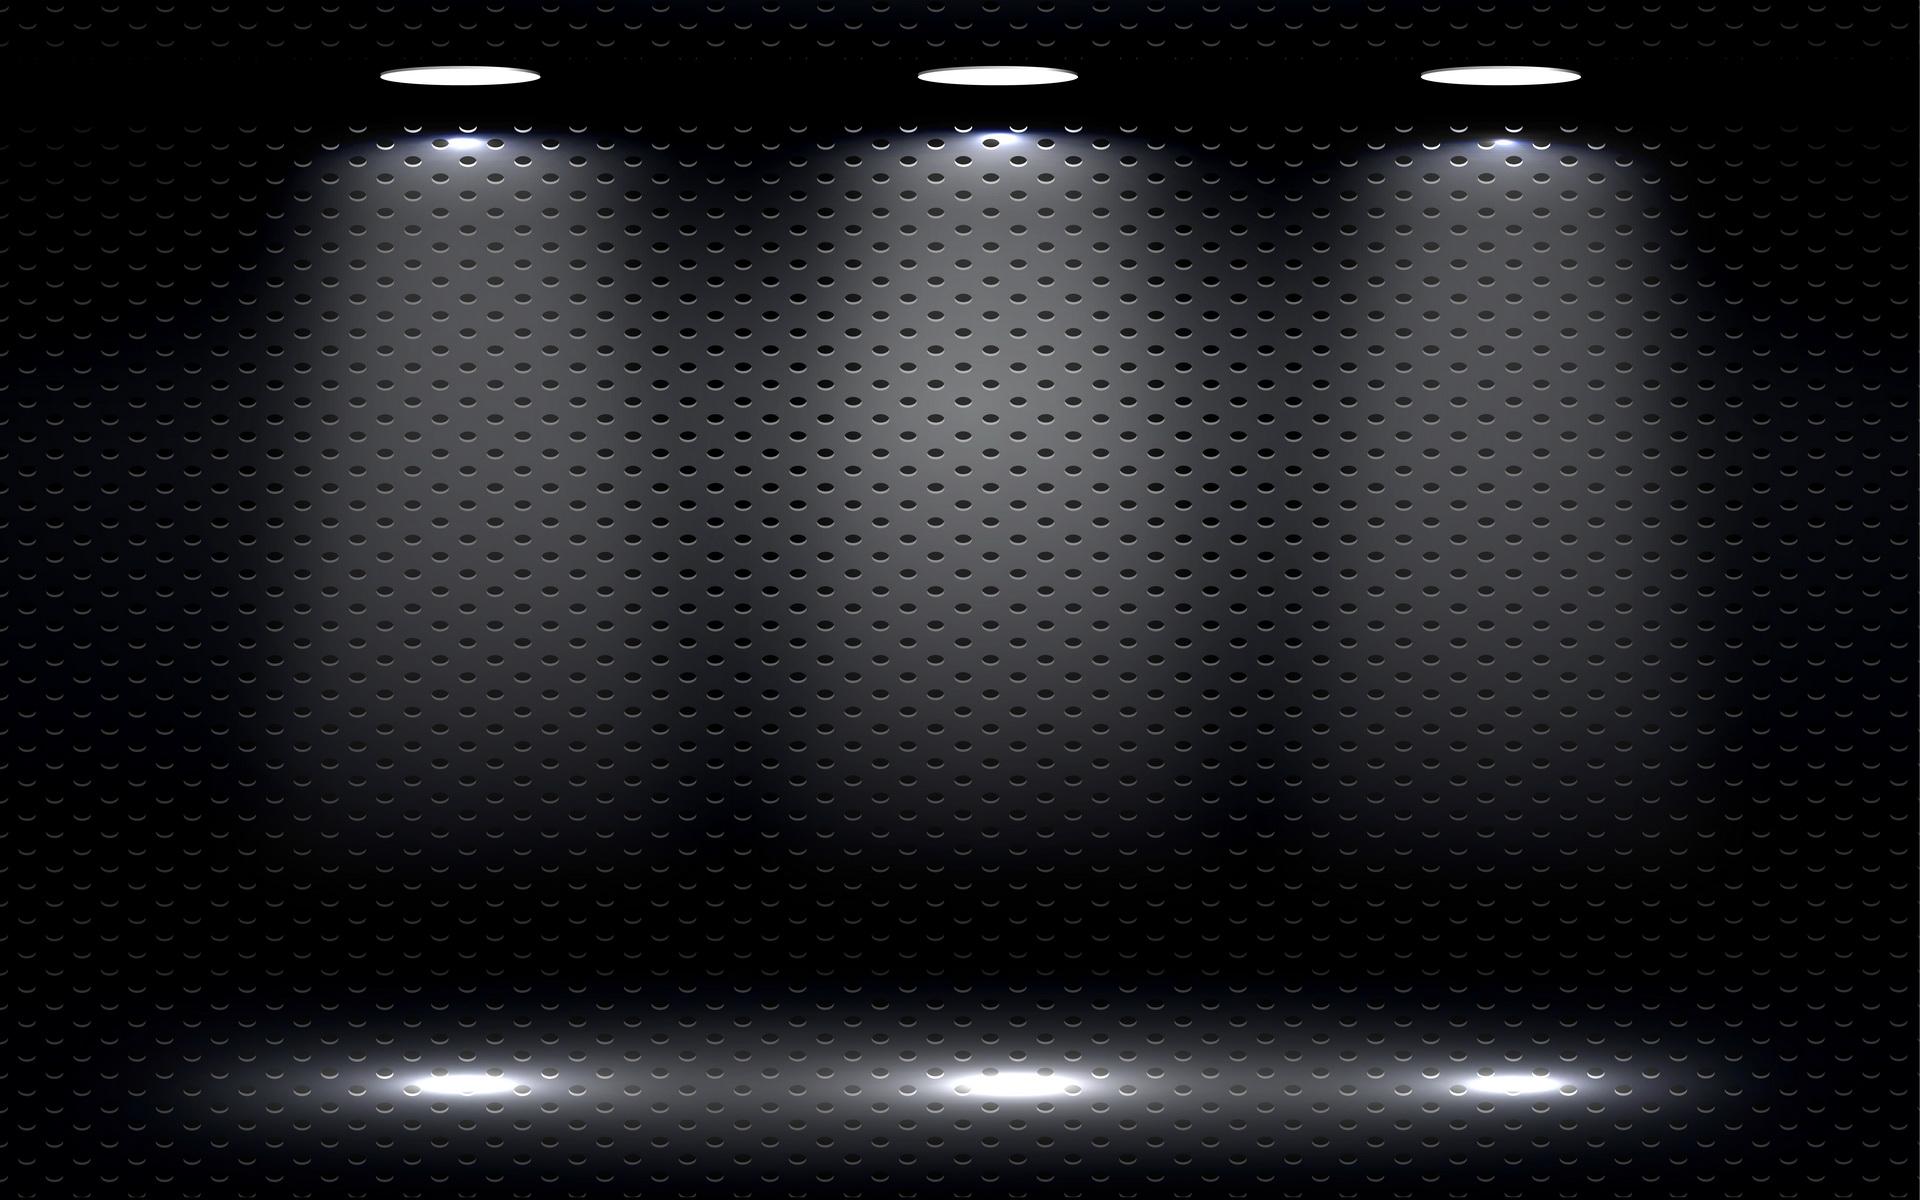 desktop metal wallpapers - photo #48